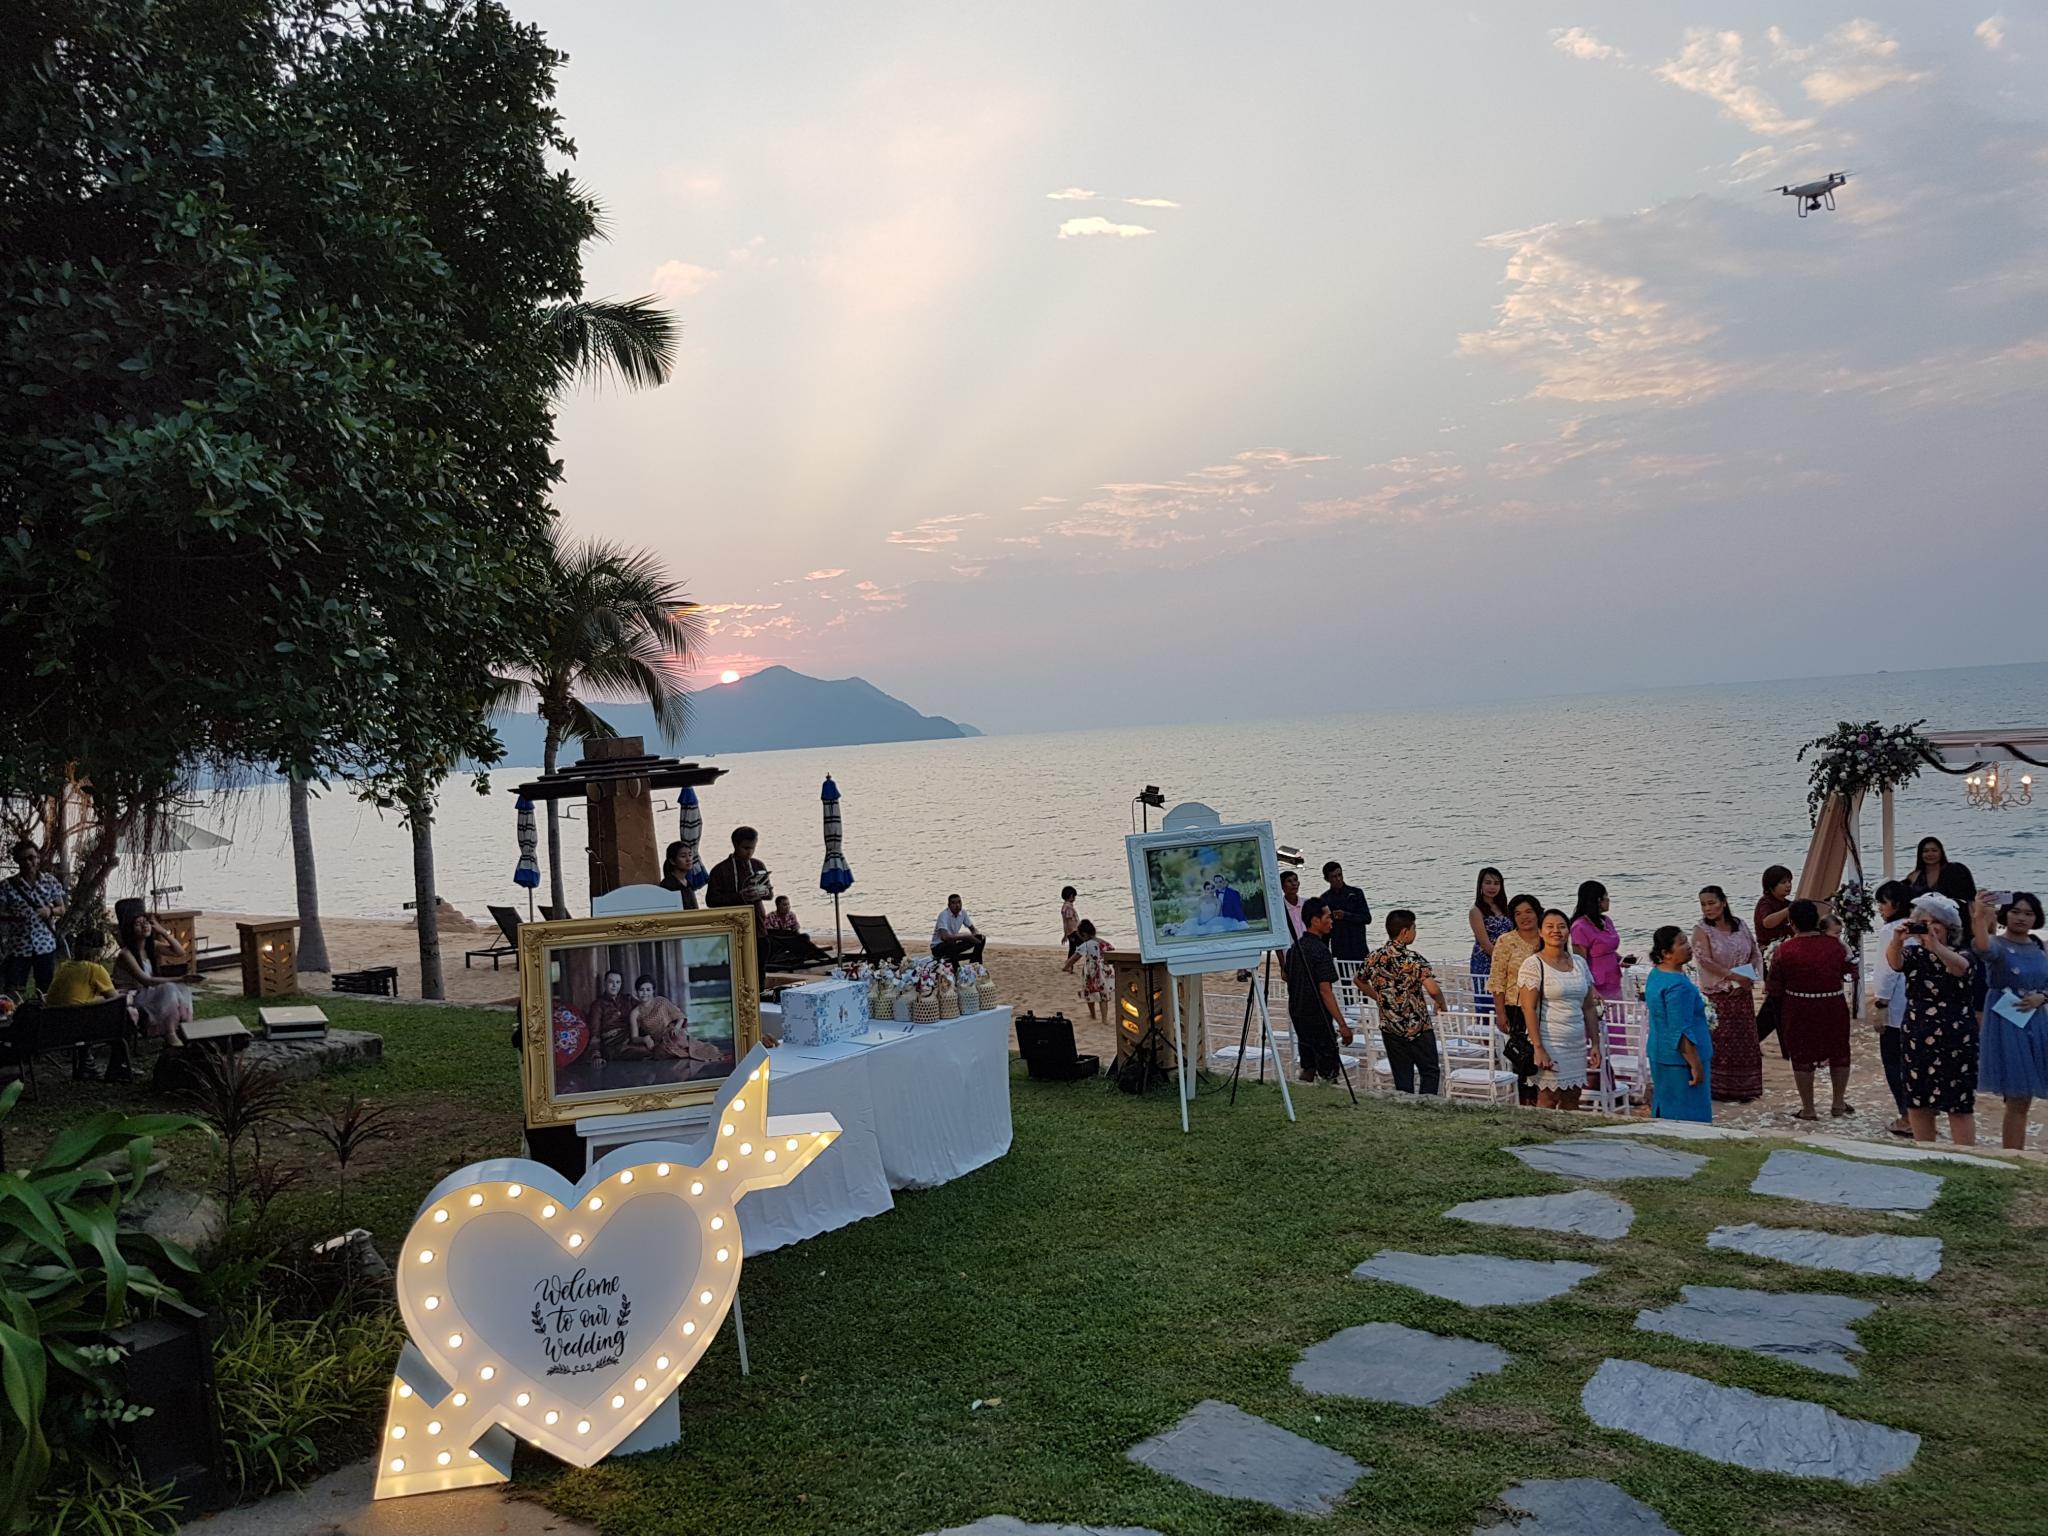 Bang Saray beach wedding & villa.-20191228_174518-jpg